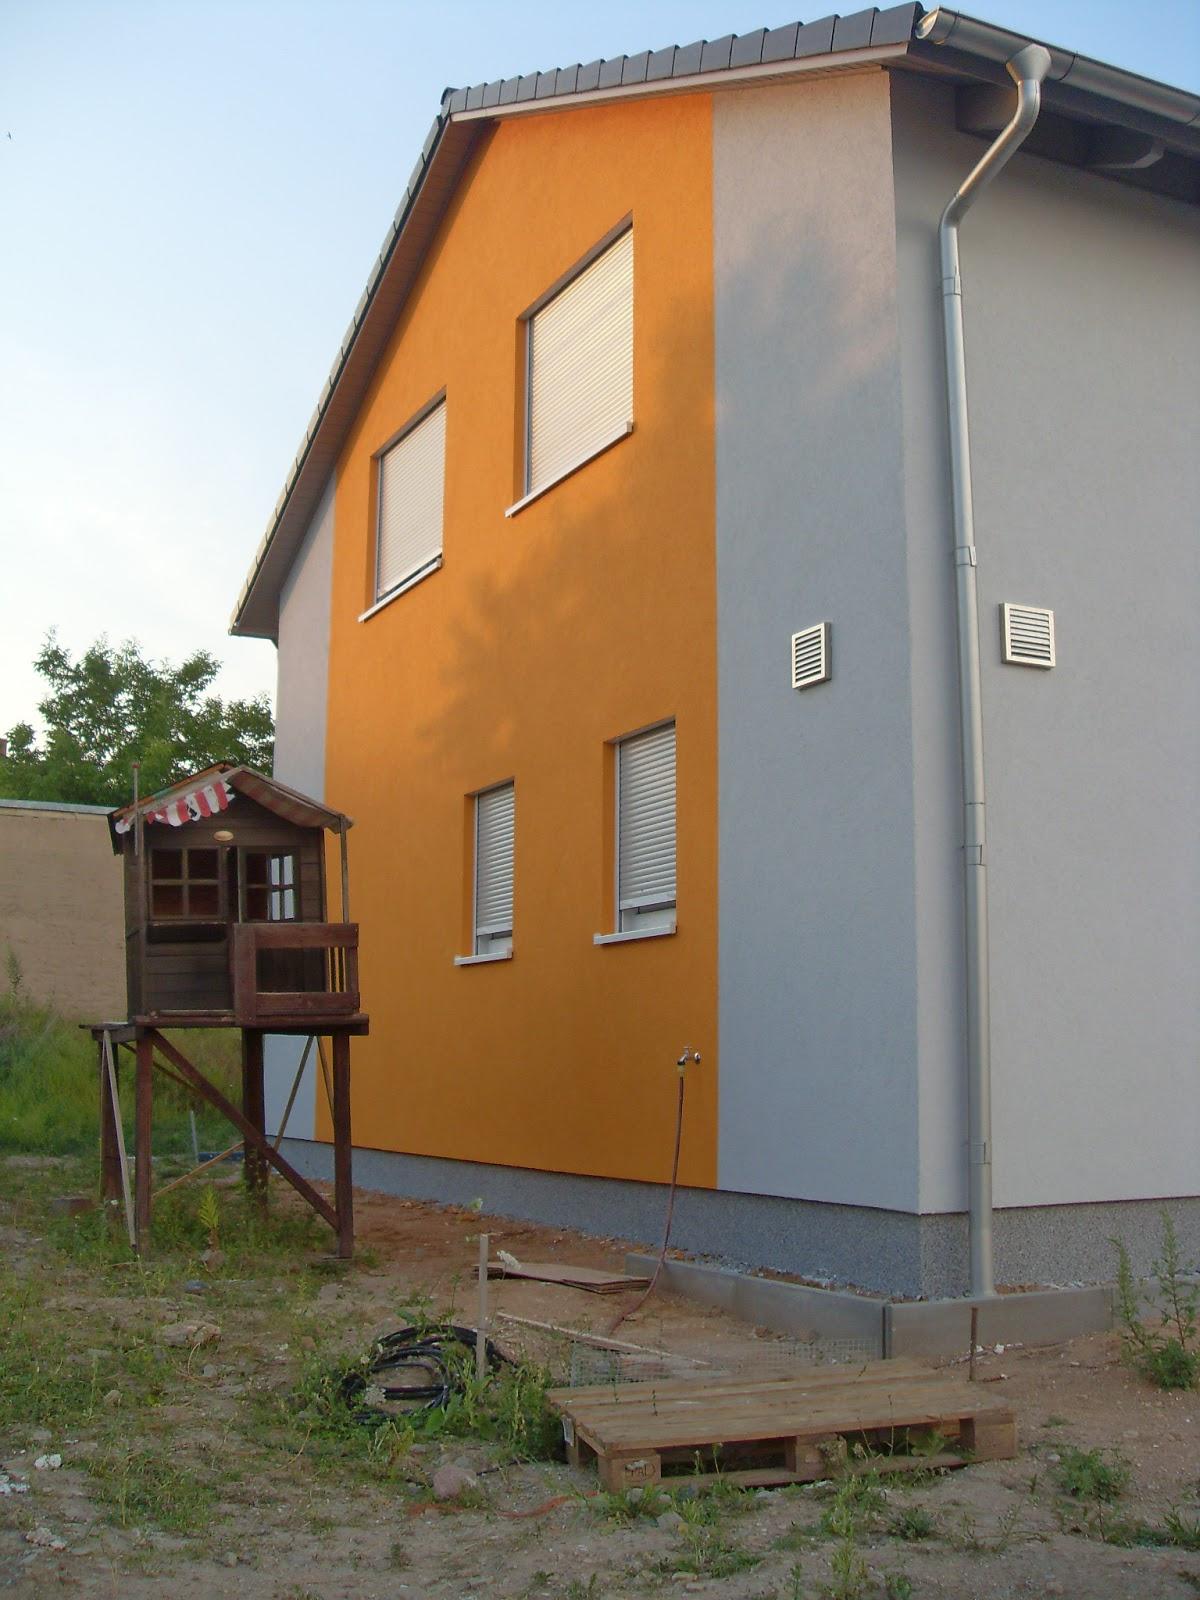 Fassadengestaltung einfamilienhaus grau orange  Ein Haus für Mensch, Hund, Katze und Maus: Juli 2013